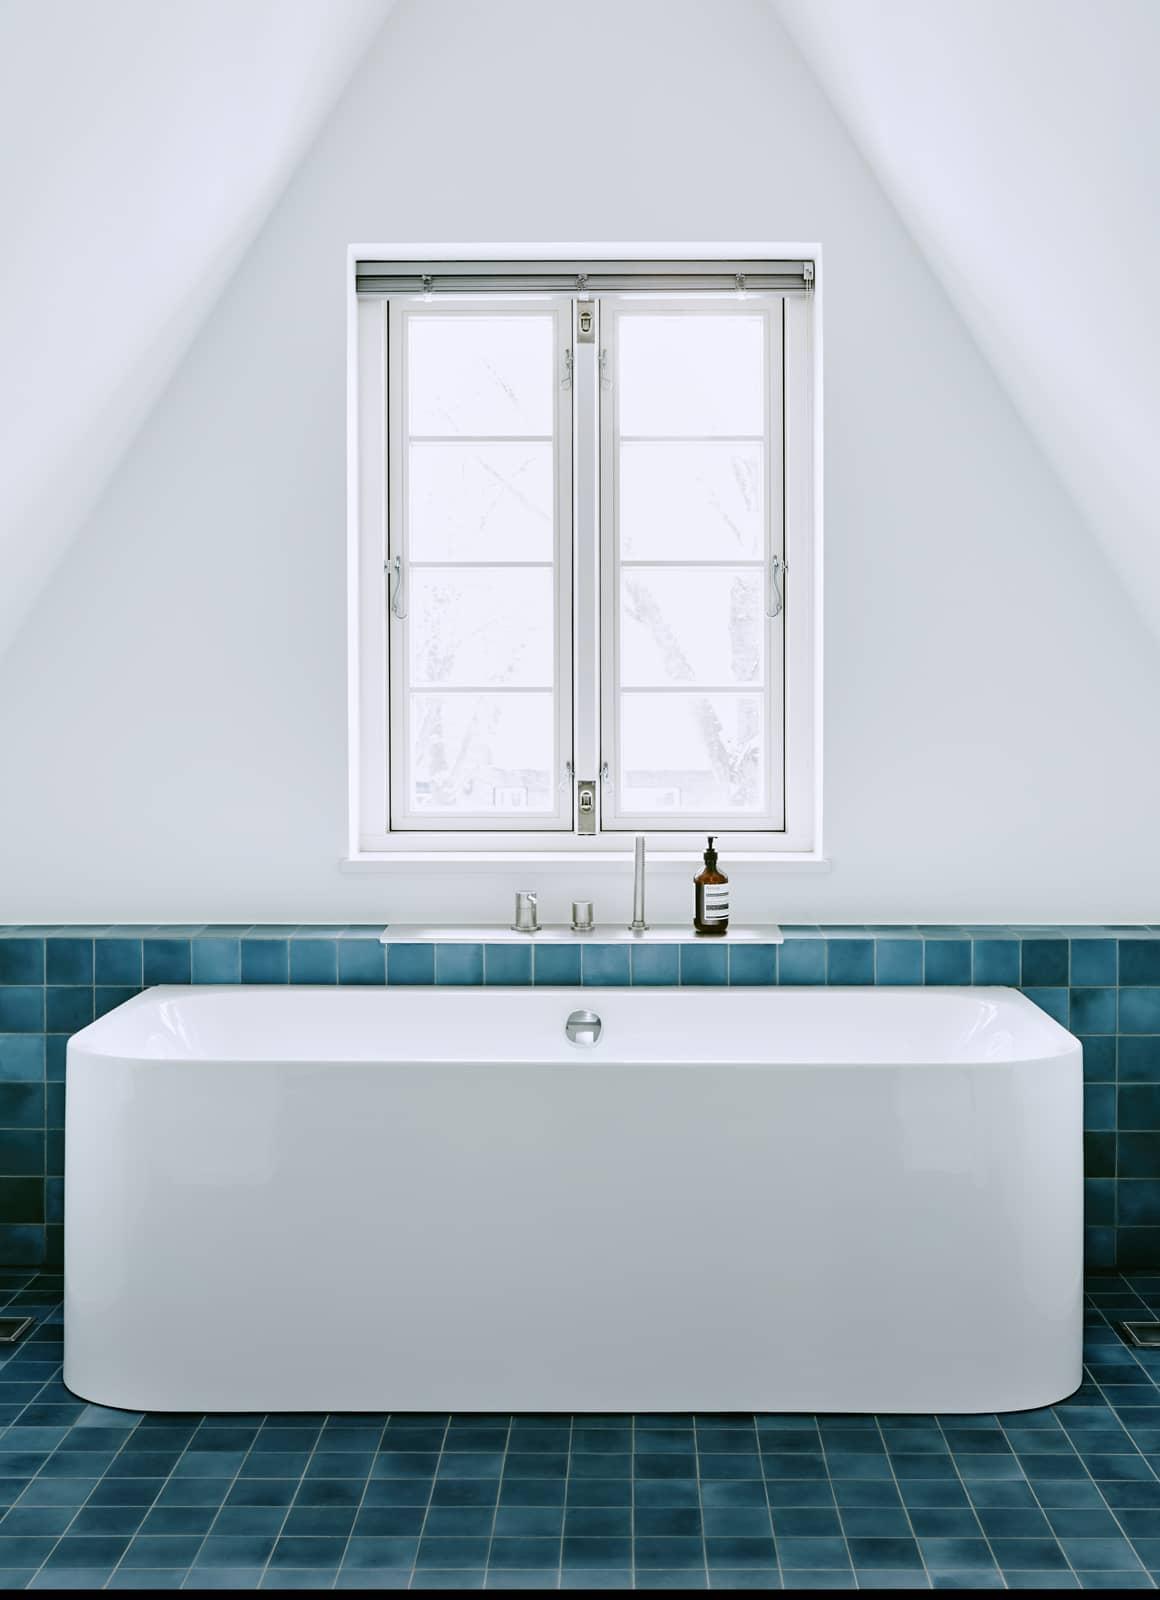 zementfliesen-terrazzofliesen-kreidefarbe-terrazzo-fugenlos-viaplatten-043-bad